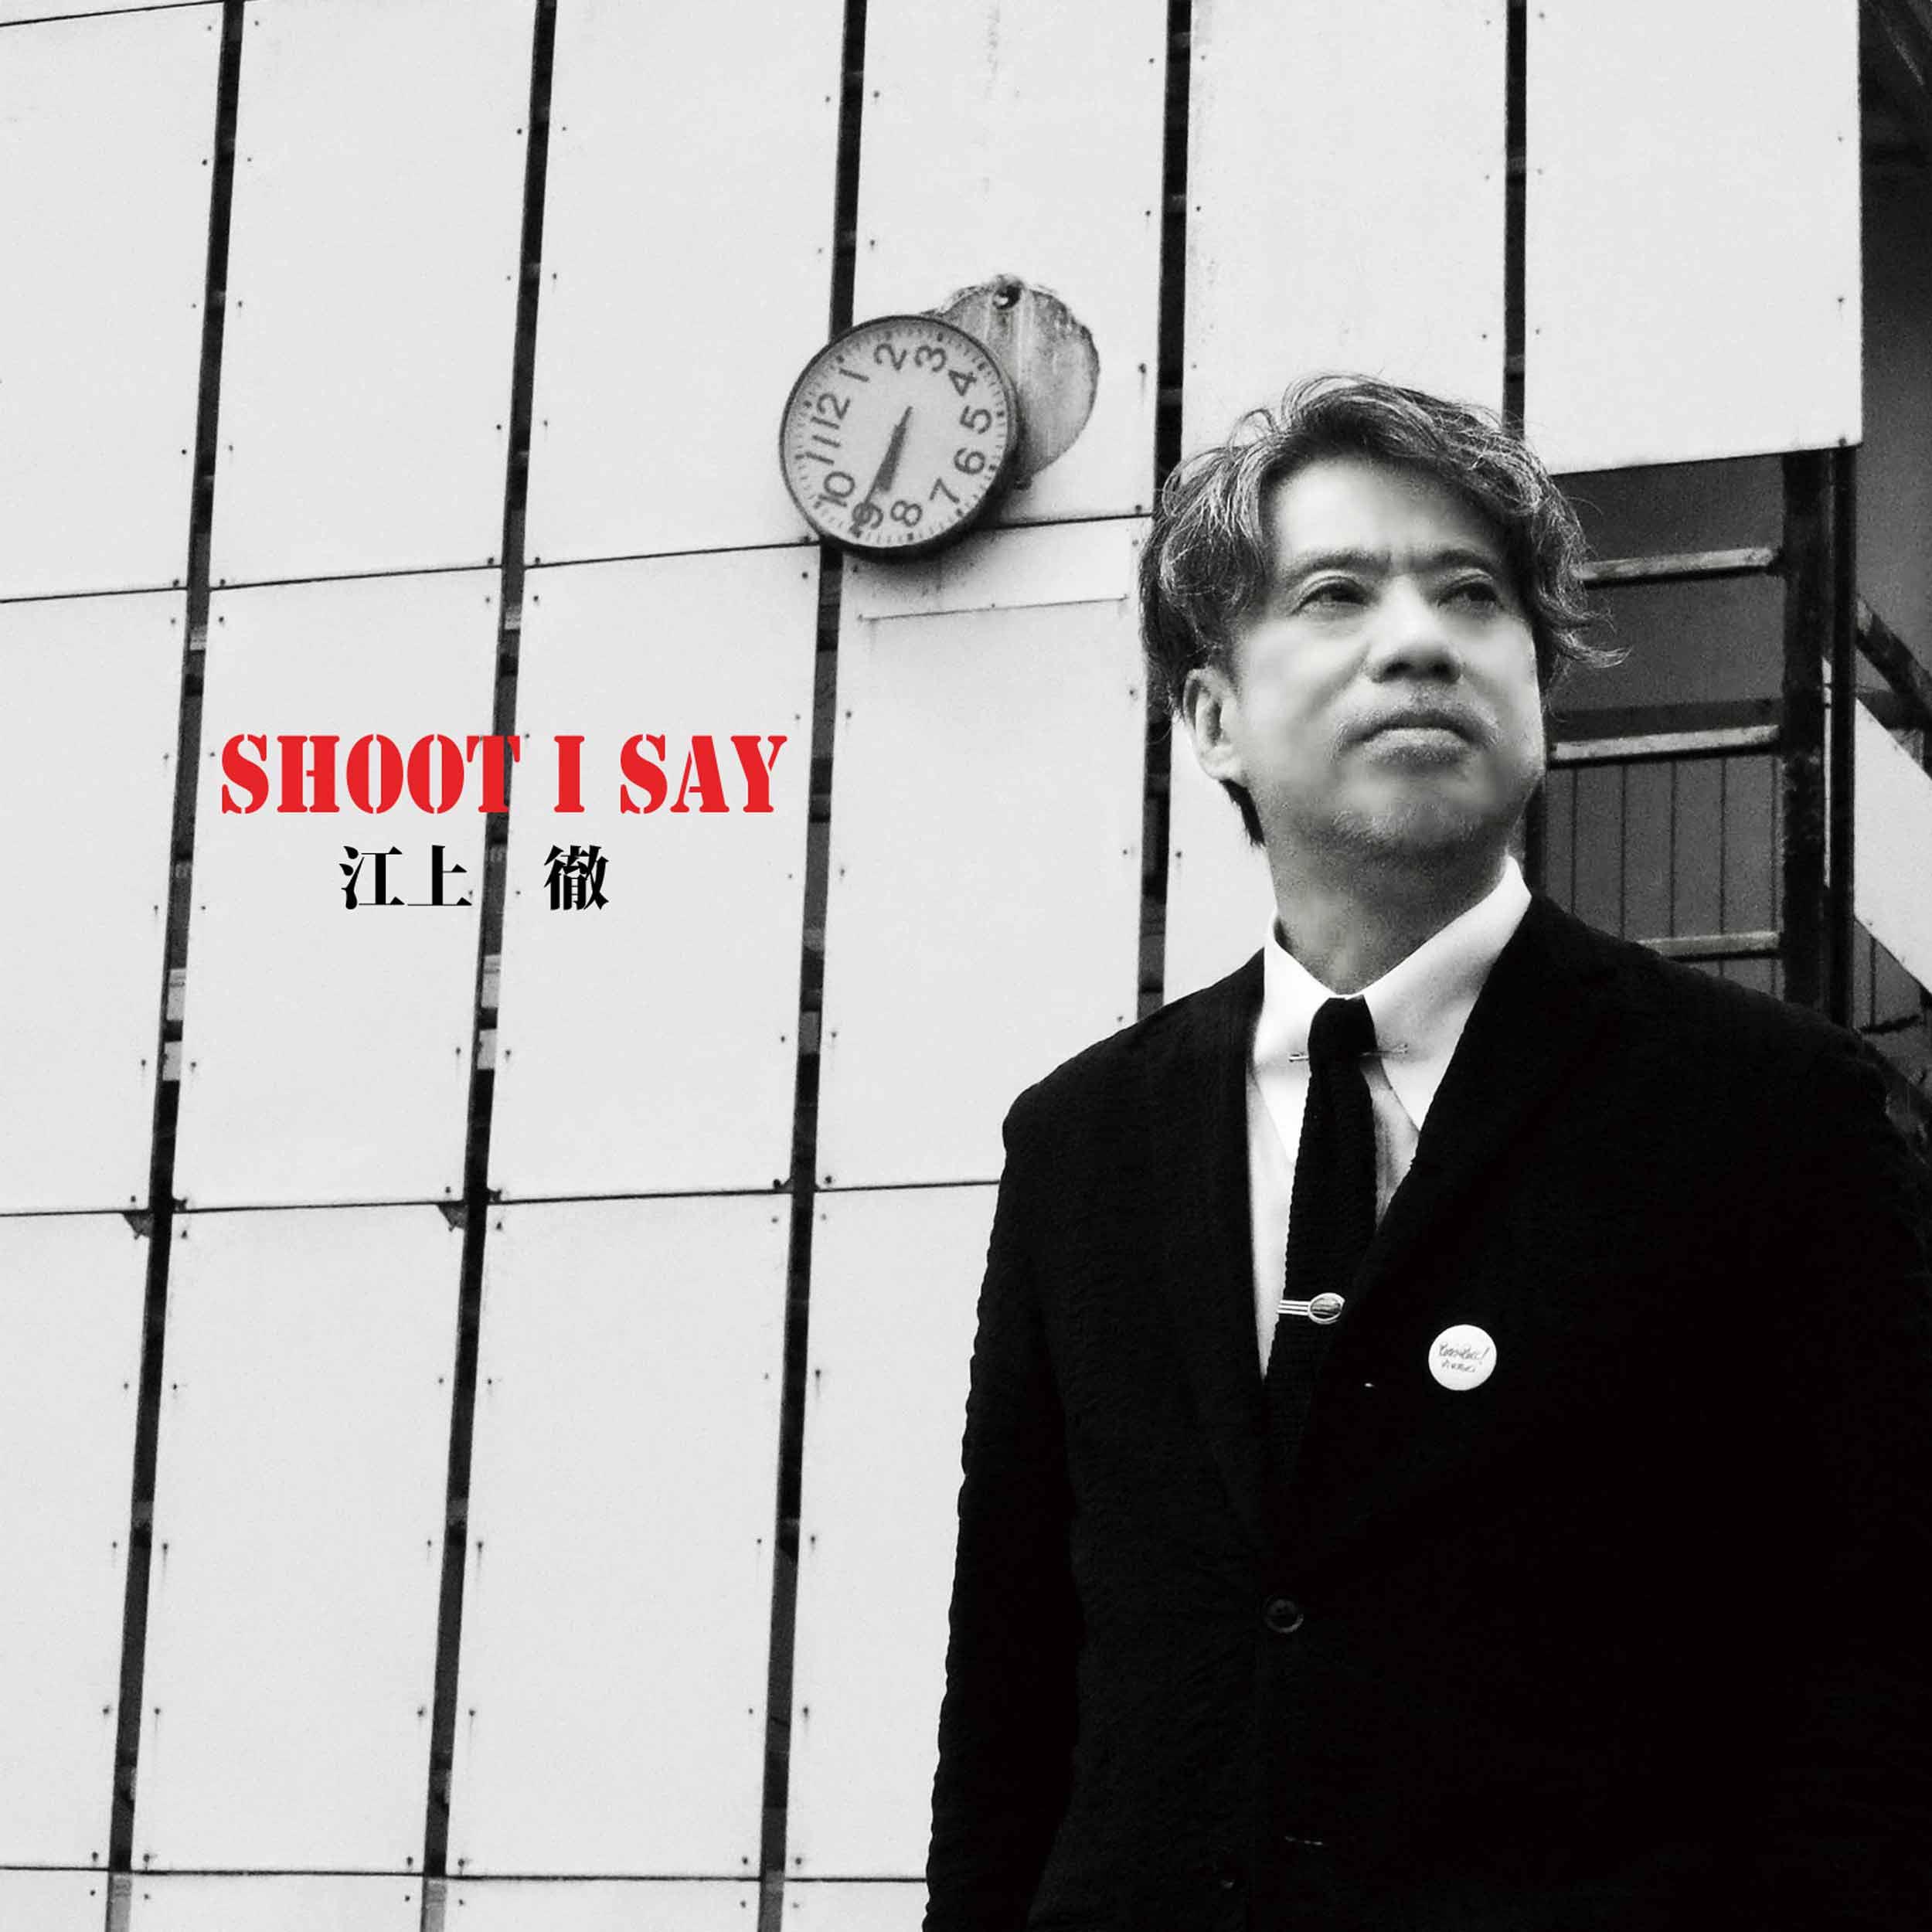 江上徹「SHOOT I SAY」